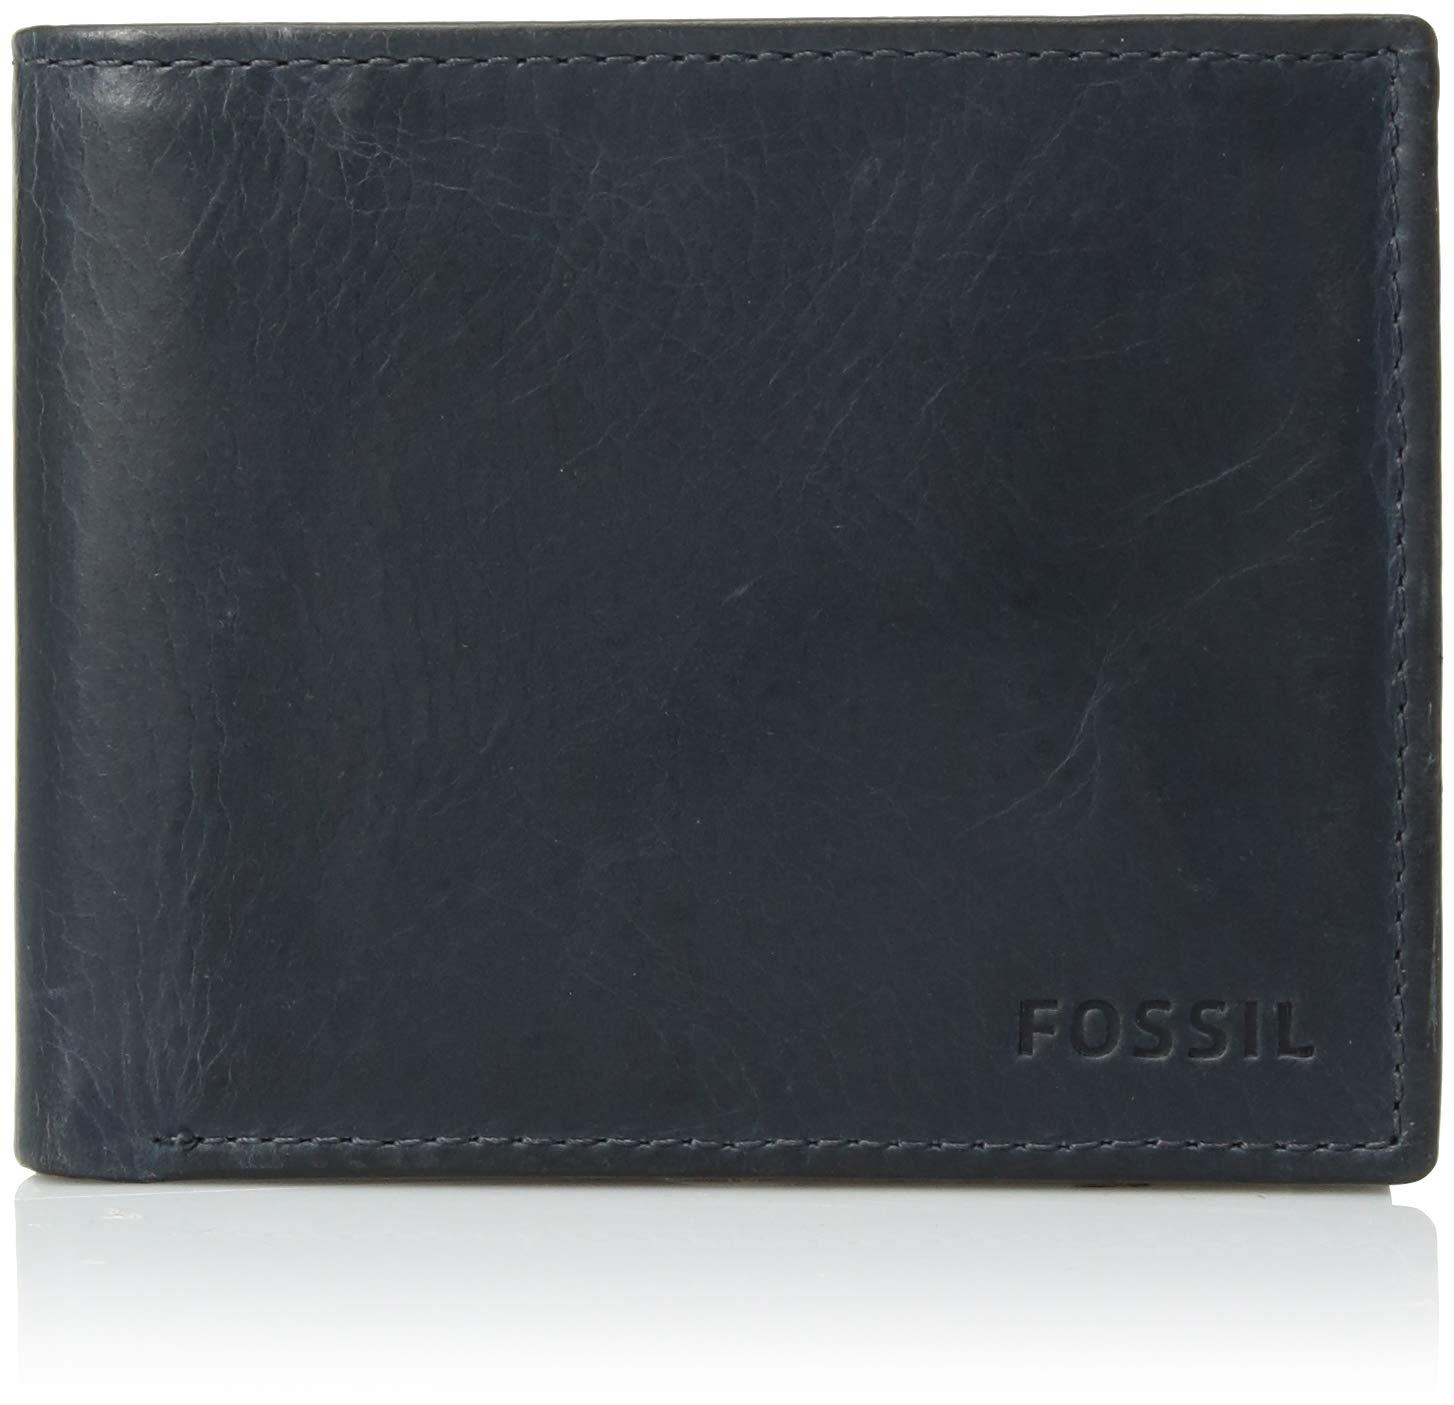 Fossil Men's RFID Flip ID Bifold Wallet, Navy 4.5''L x 0.75''W x 3.56''H